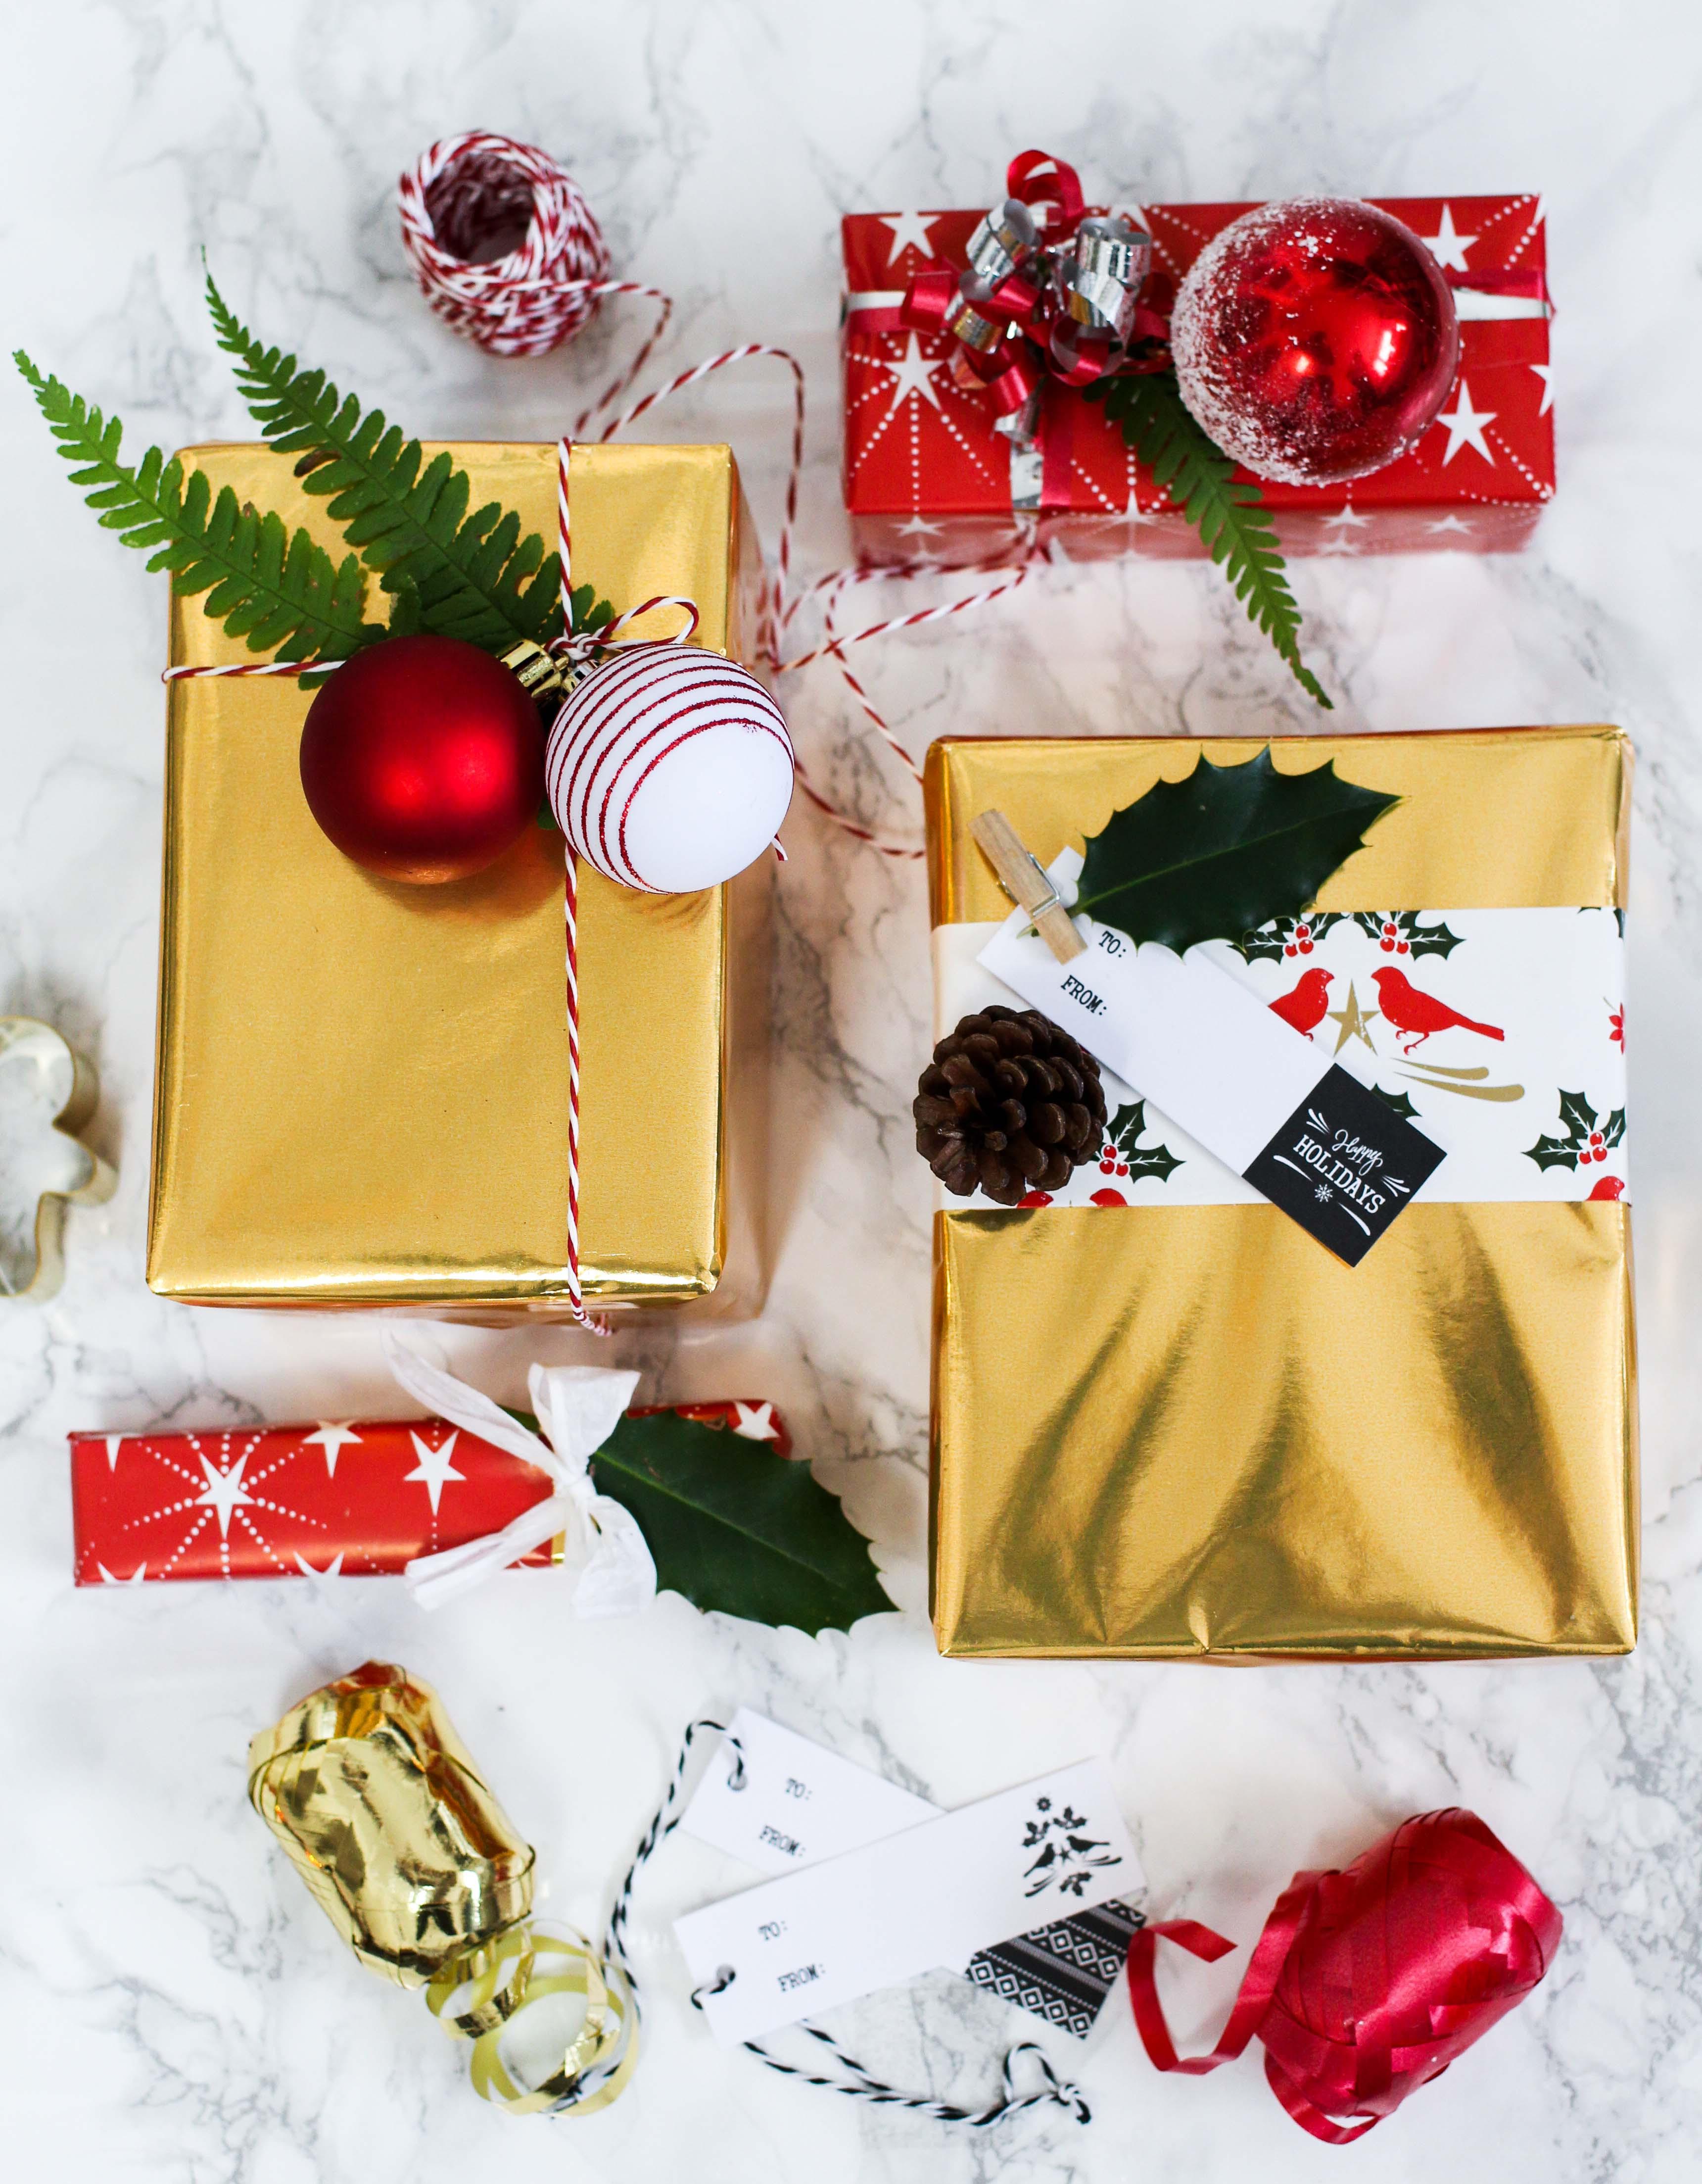 Ideen Für Geschenke  Geschenke kreativ einpacken für Weihnachten